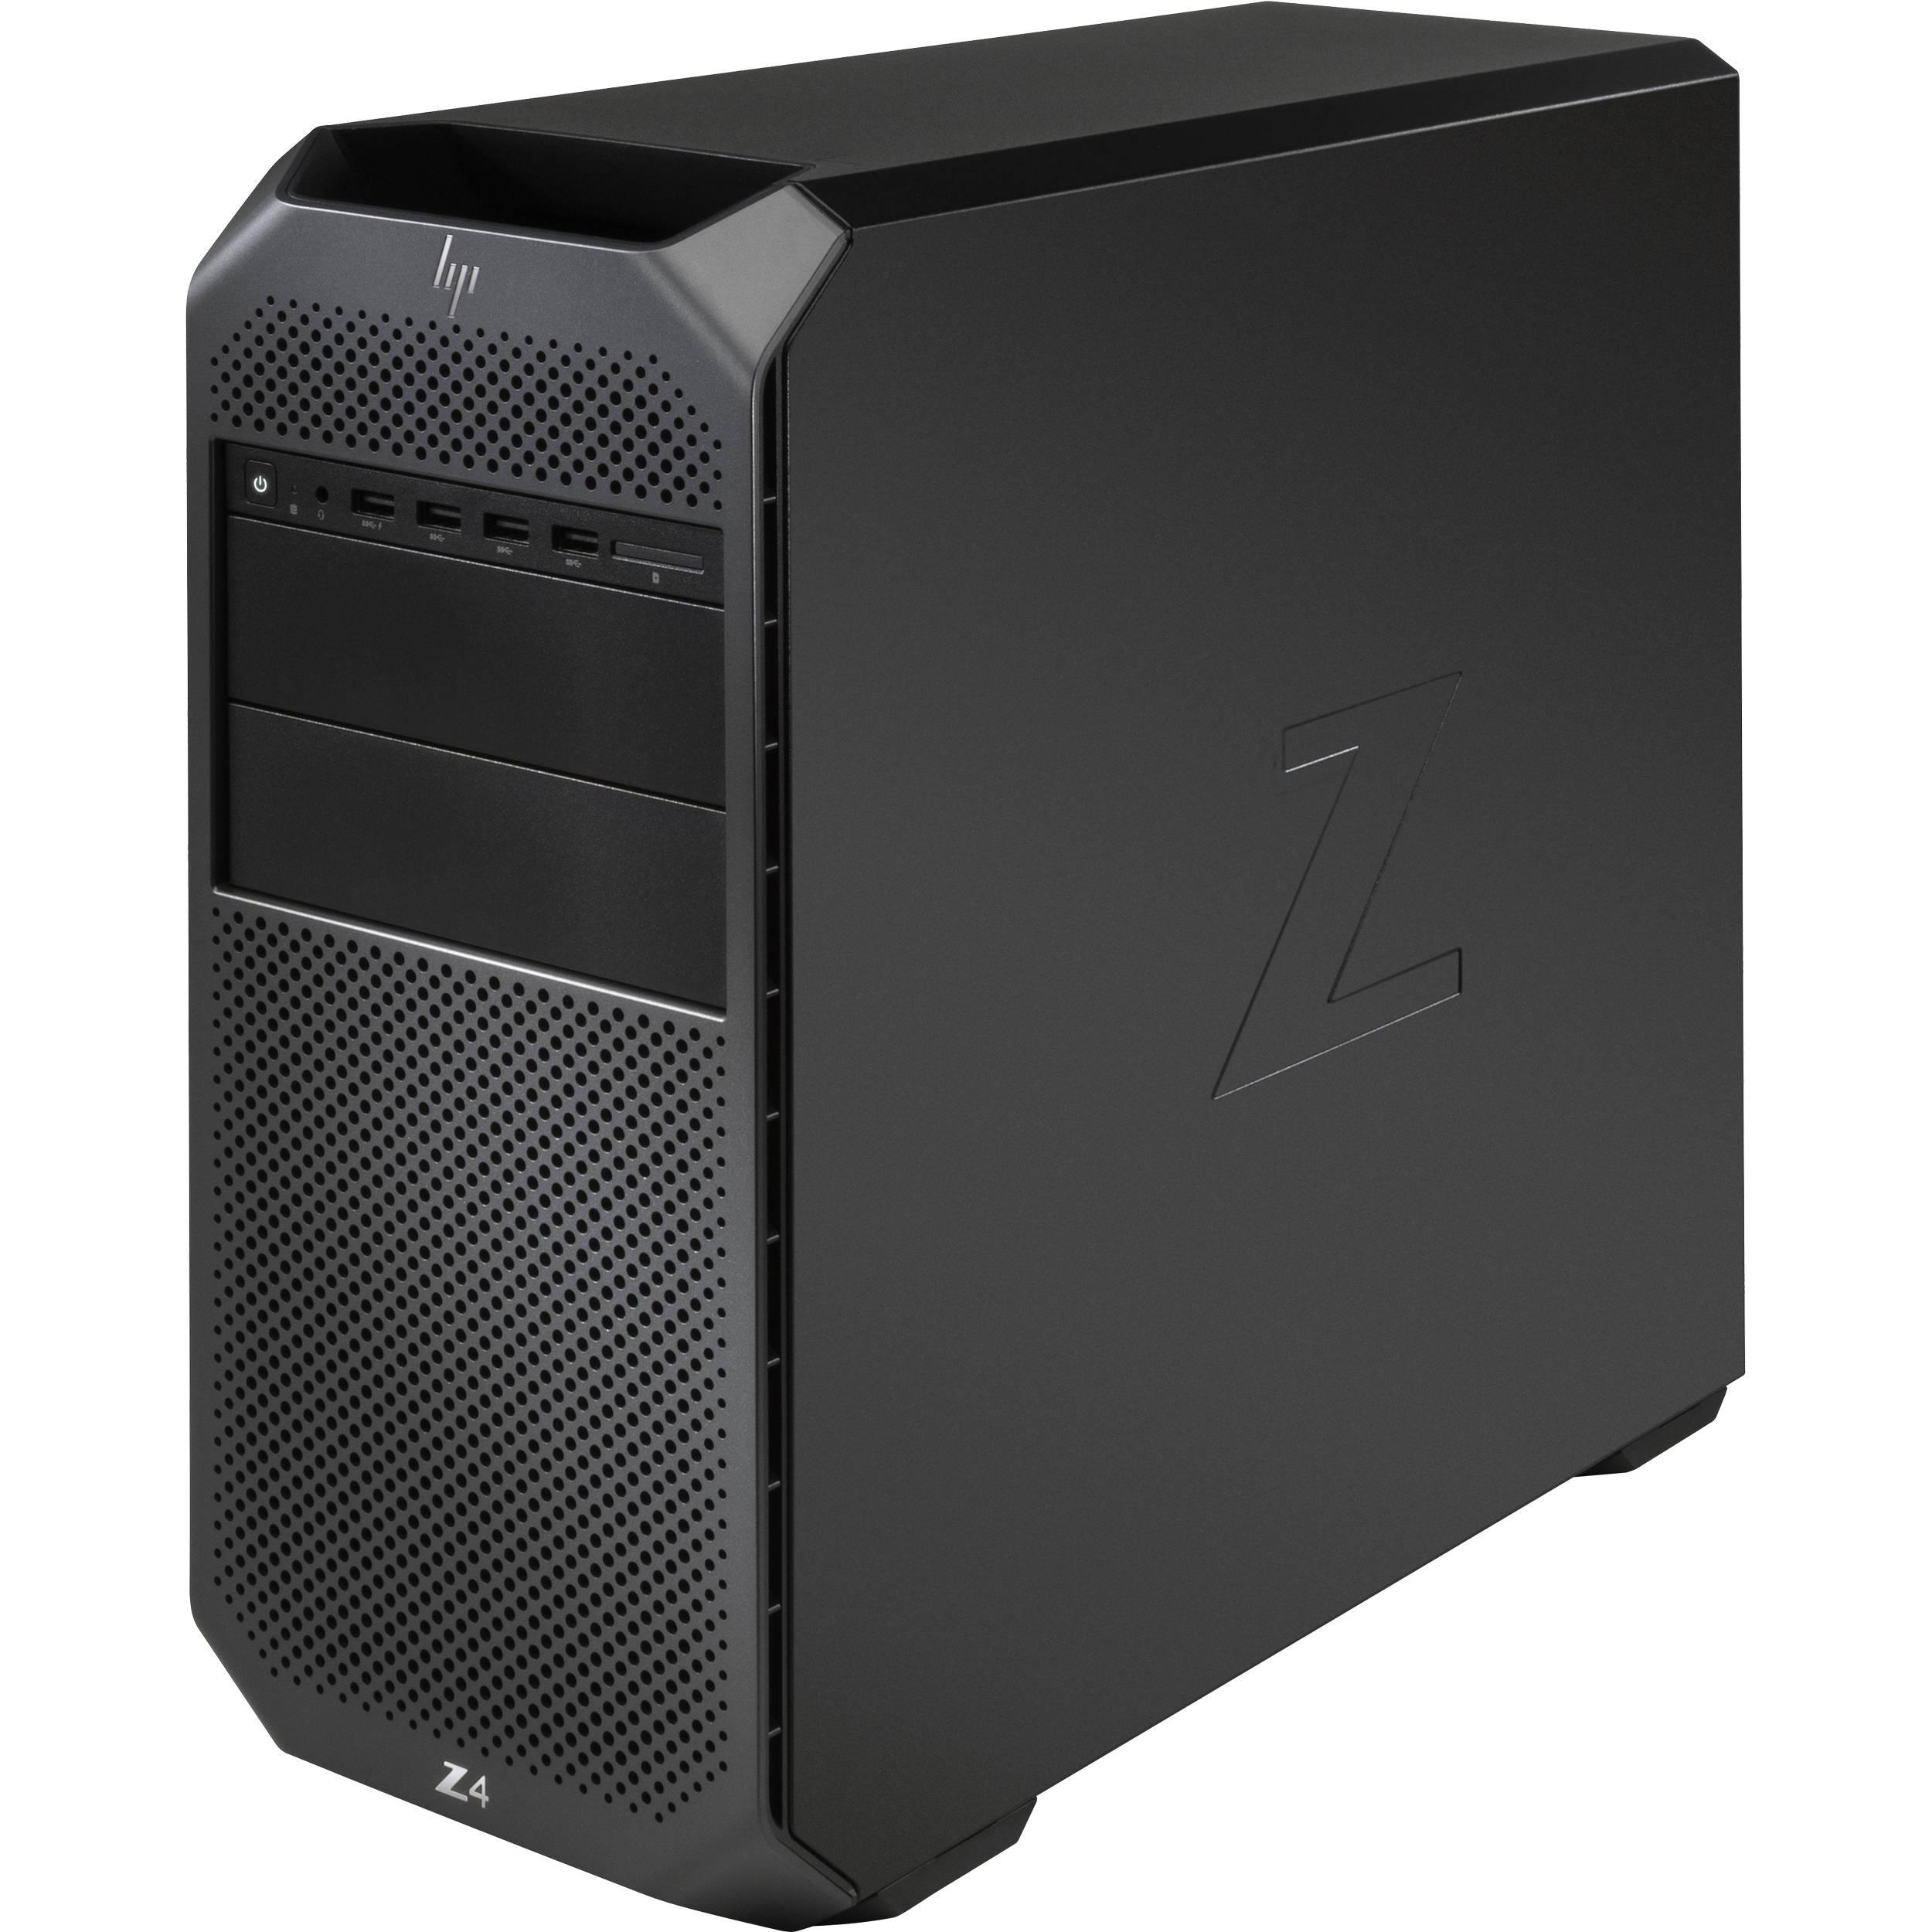 کامپیوتر دسکتاپ اچ پی مدل Z4 G4 Workstation-D